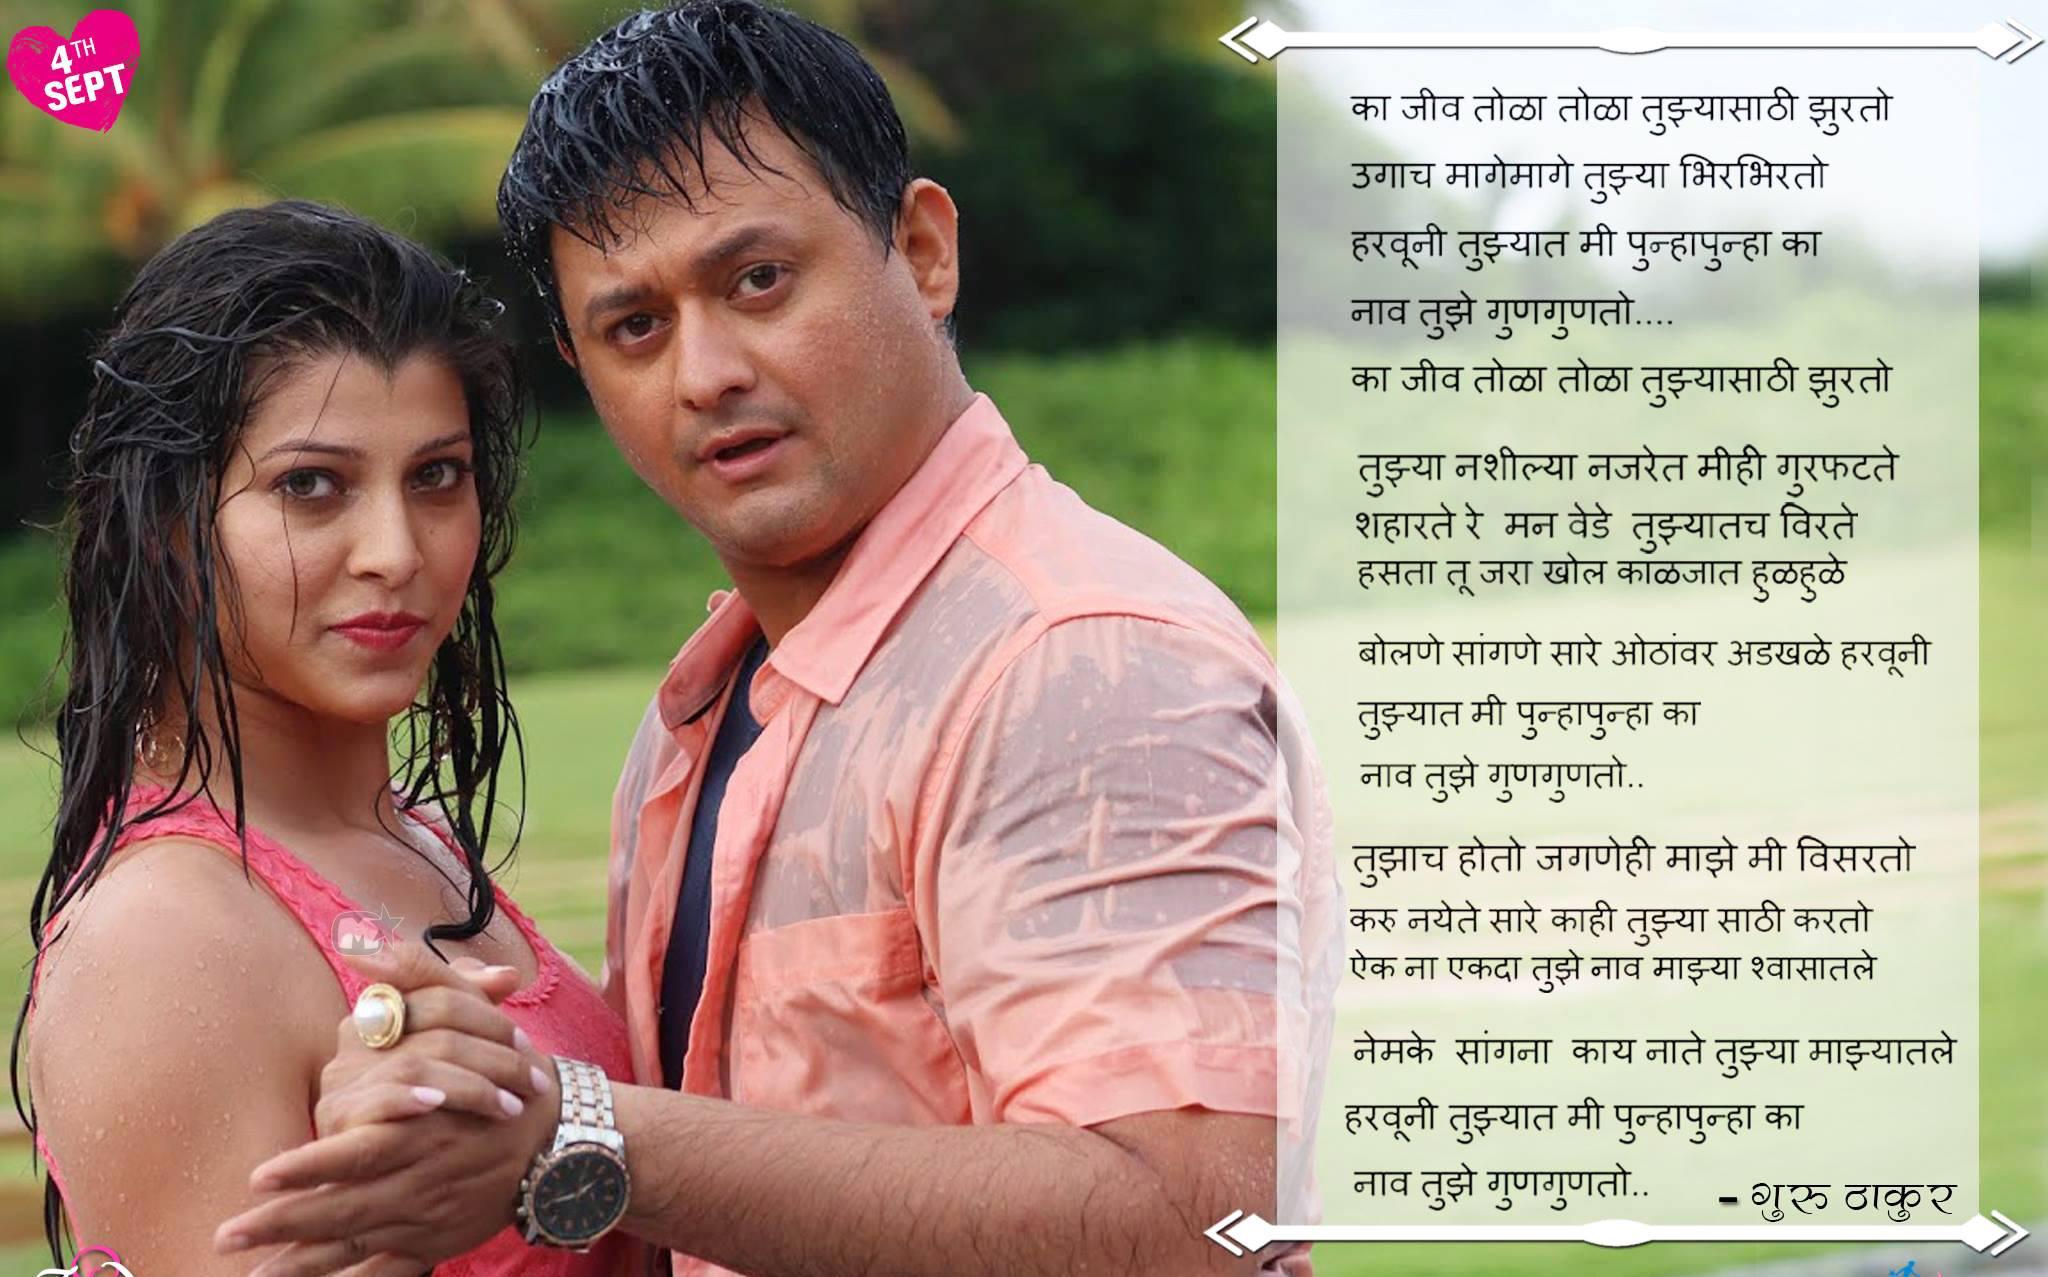 Marathi couple trying new styles - 2 9